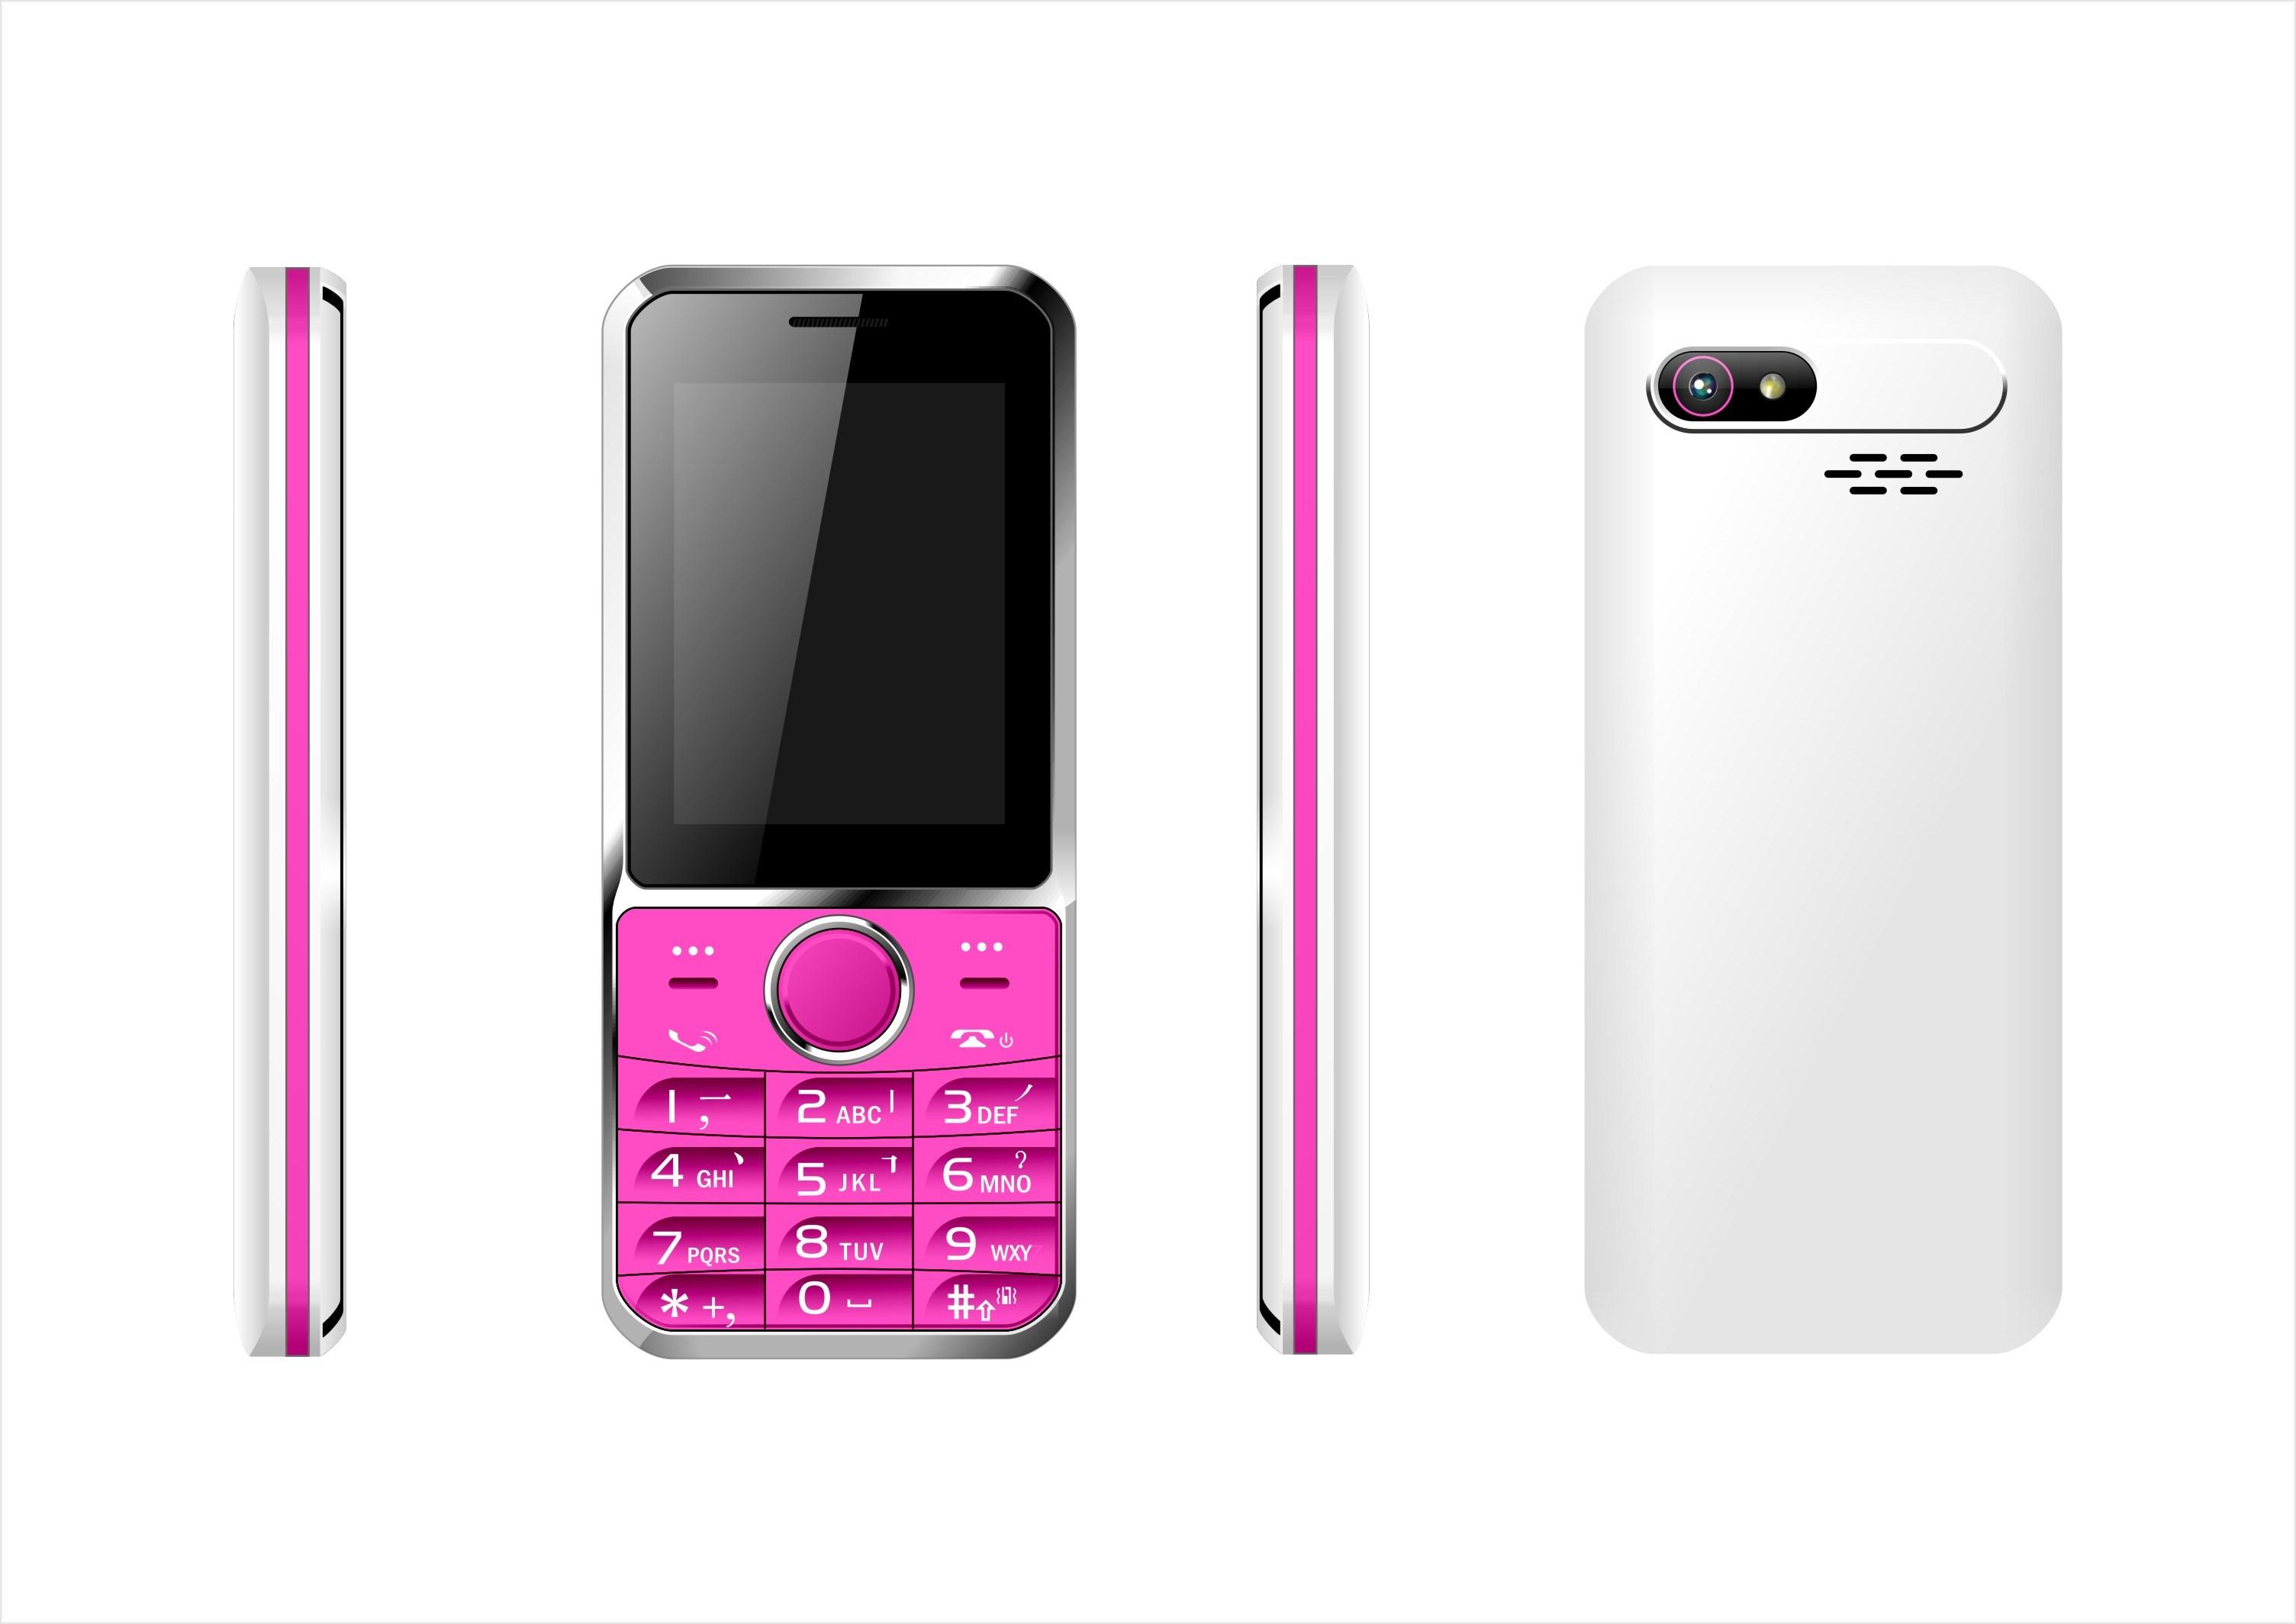 Factory Original Mobile Phone 2.4inch Qvga Screen Dual SIM Feature Phone C26